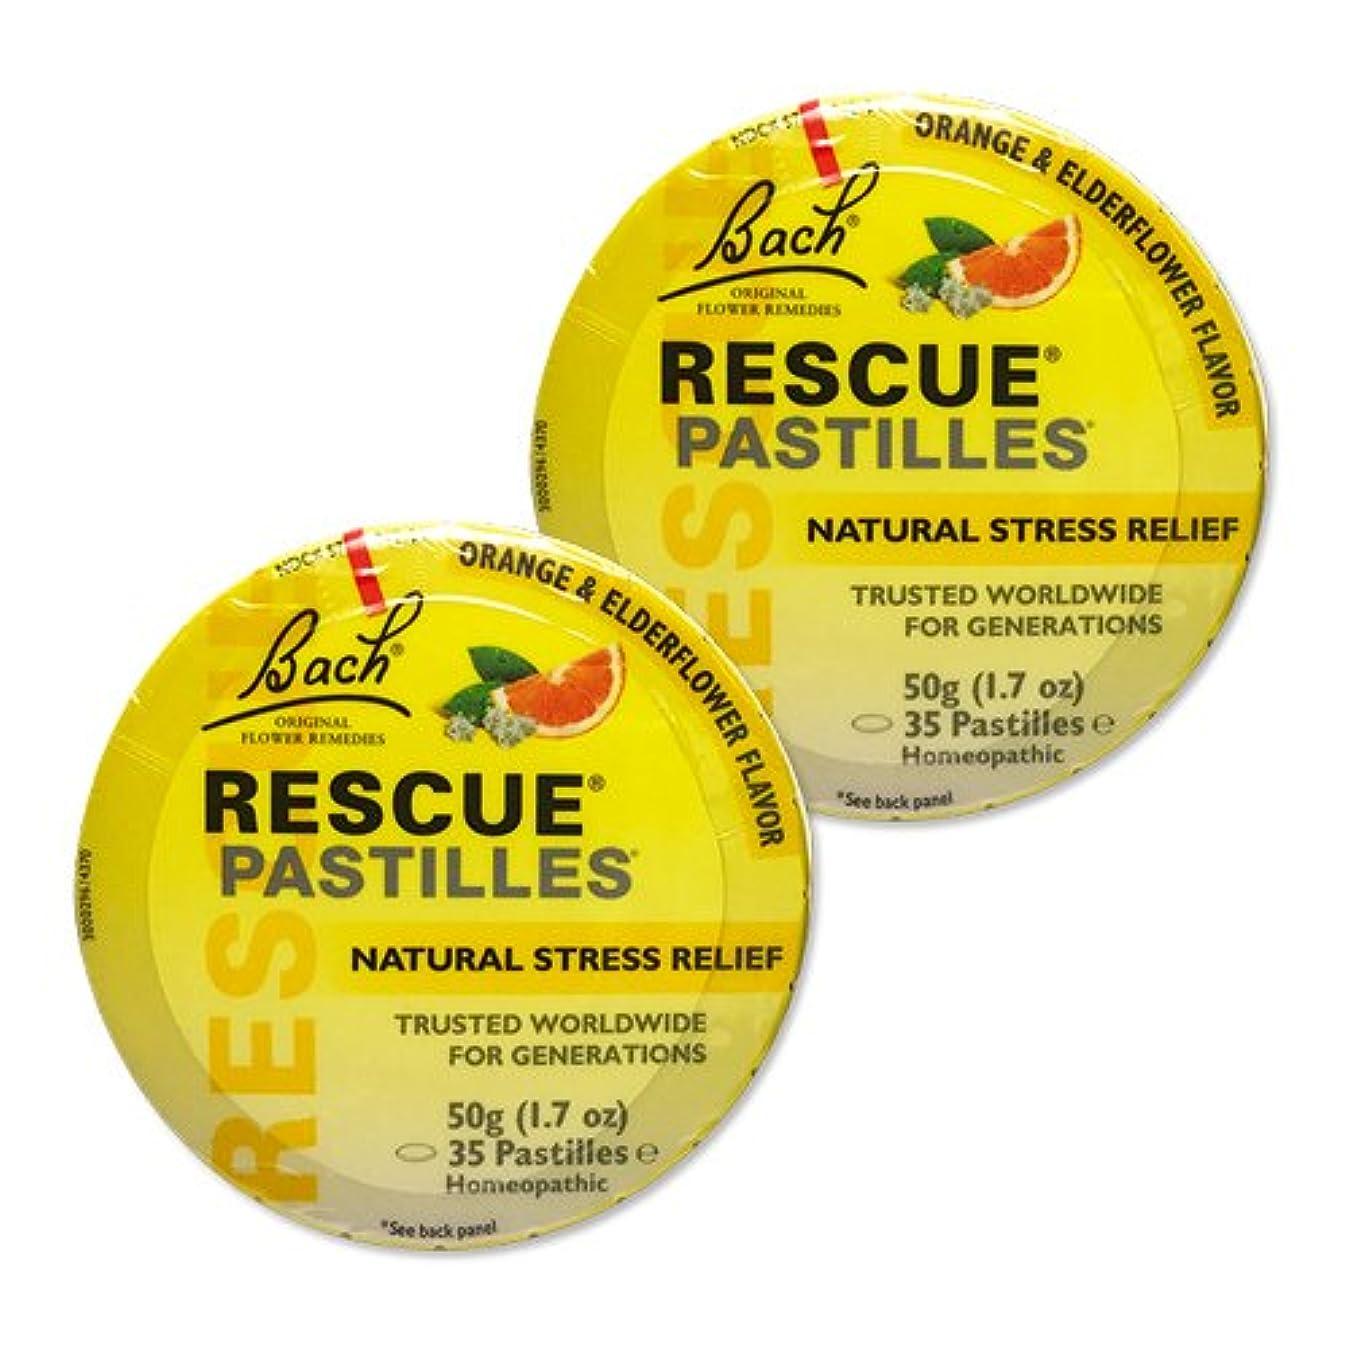 しっとり言うまでもなくジャズ【2個セット】 [海外直送品]バッチフラワー レスキューレメディー パステル(オレンジ) Rescue Pastilles: For Occasional...